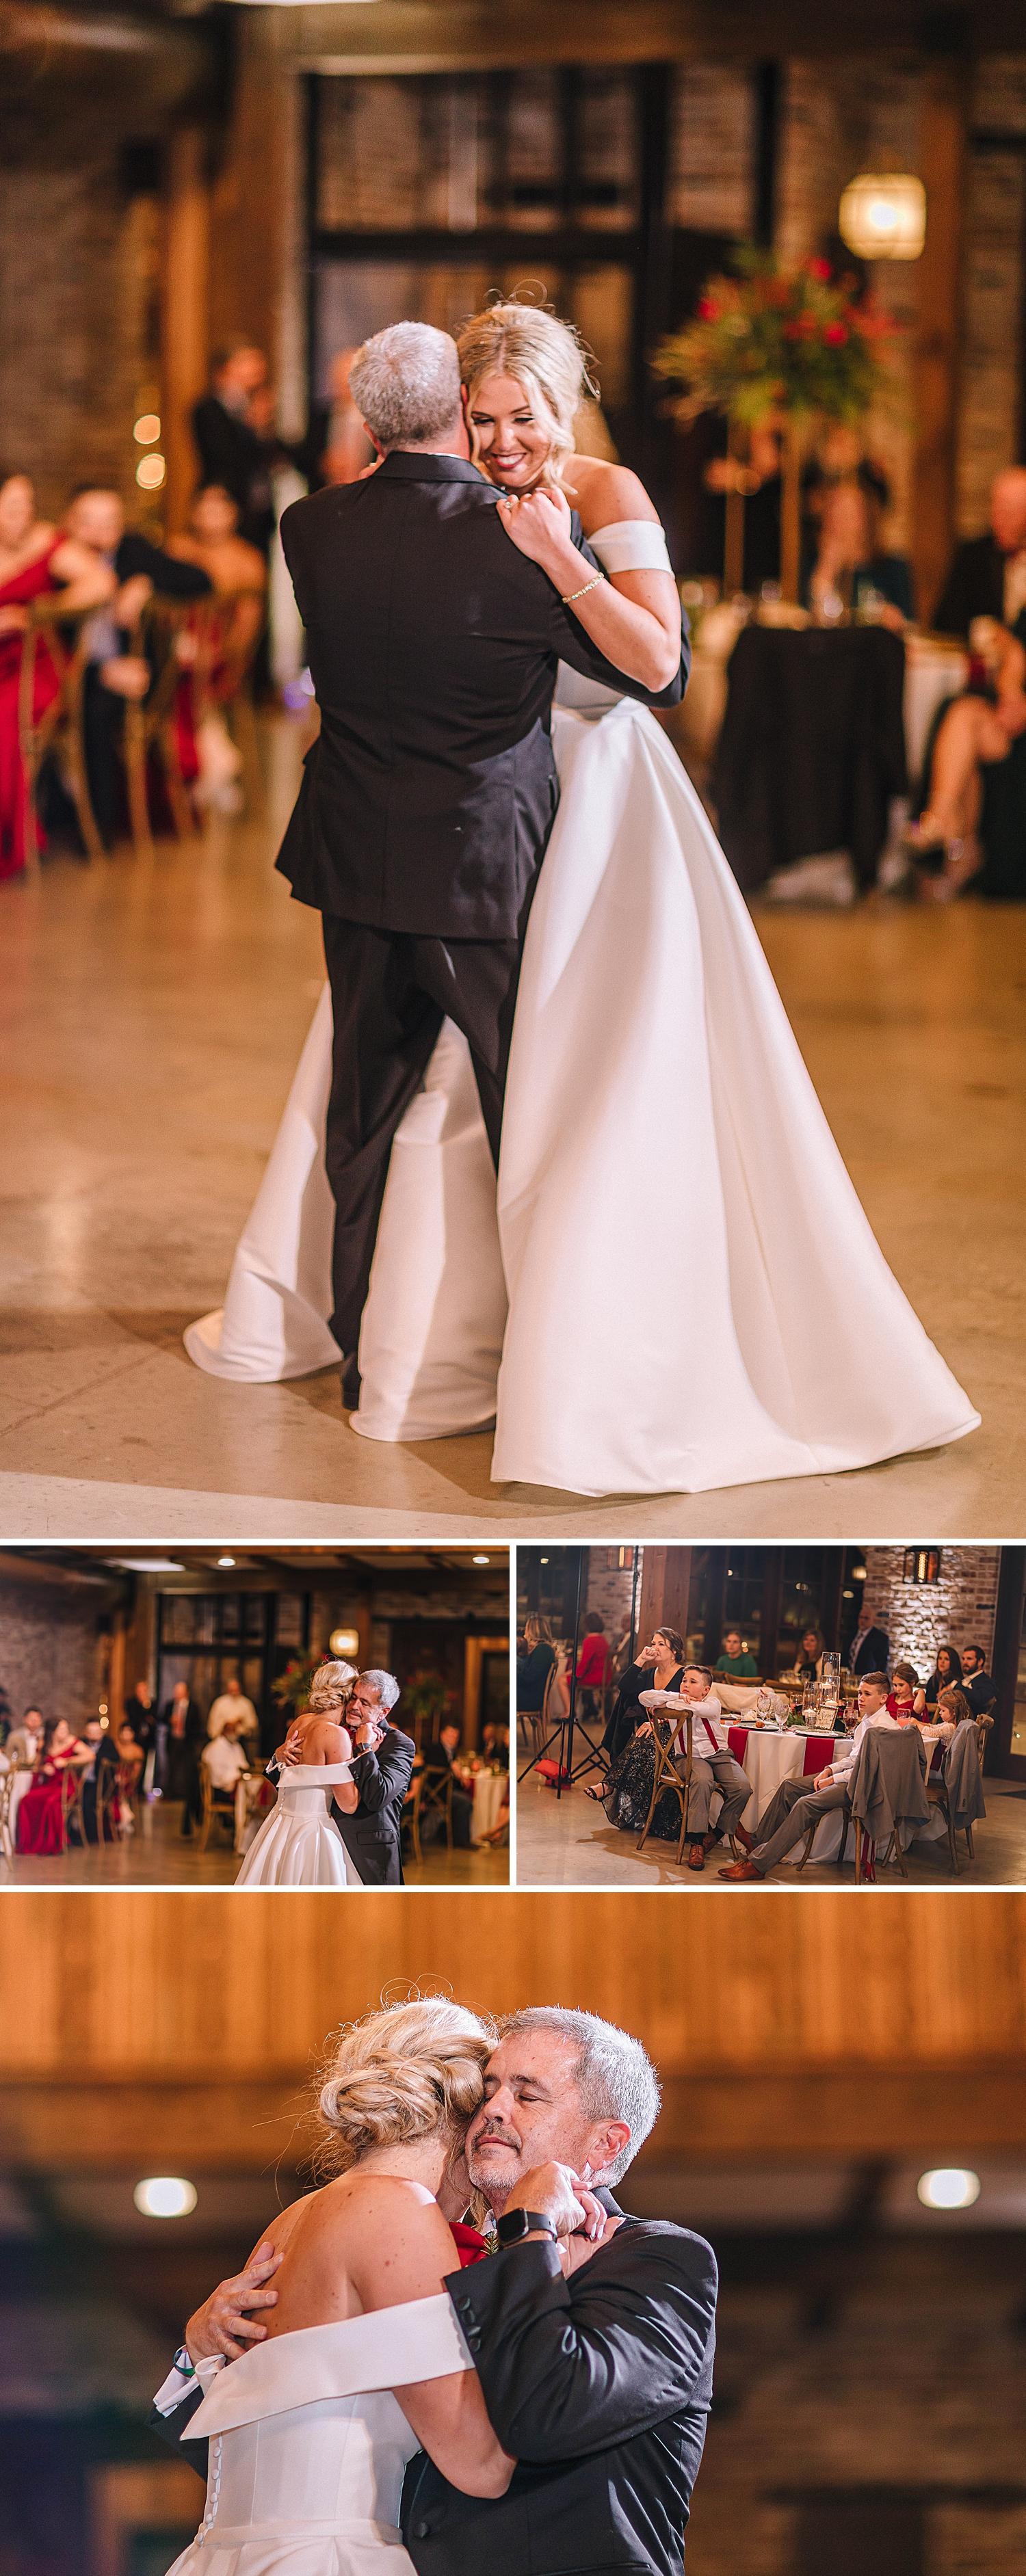 College-Station-Aggie-Wedding-The-Weinberg-at-Wixon-Valley-Christmas-Hallmark-Wedding_0135.jpg